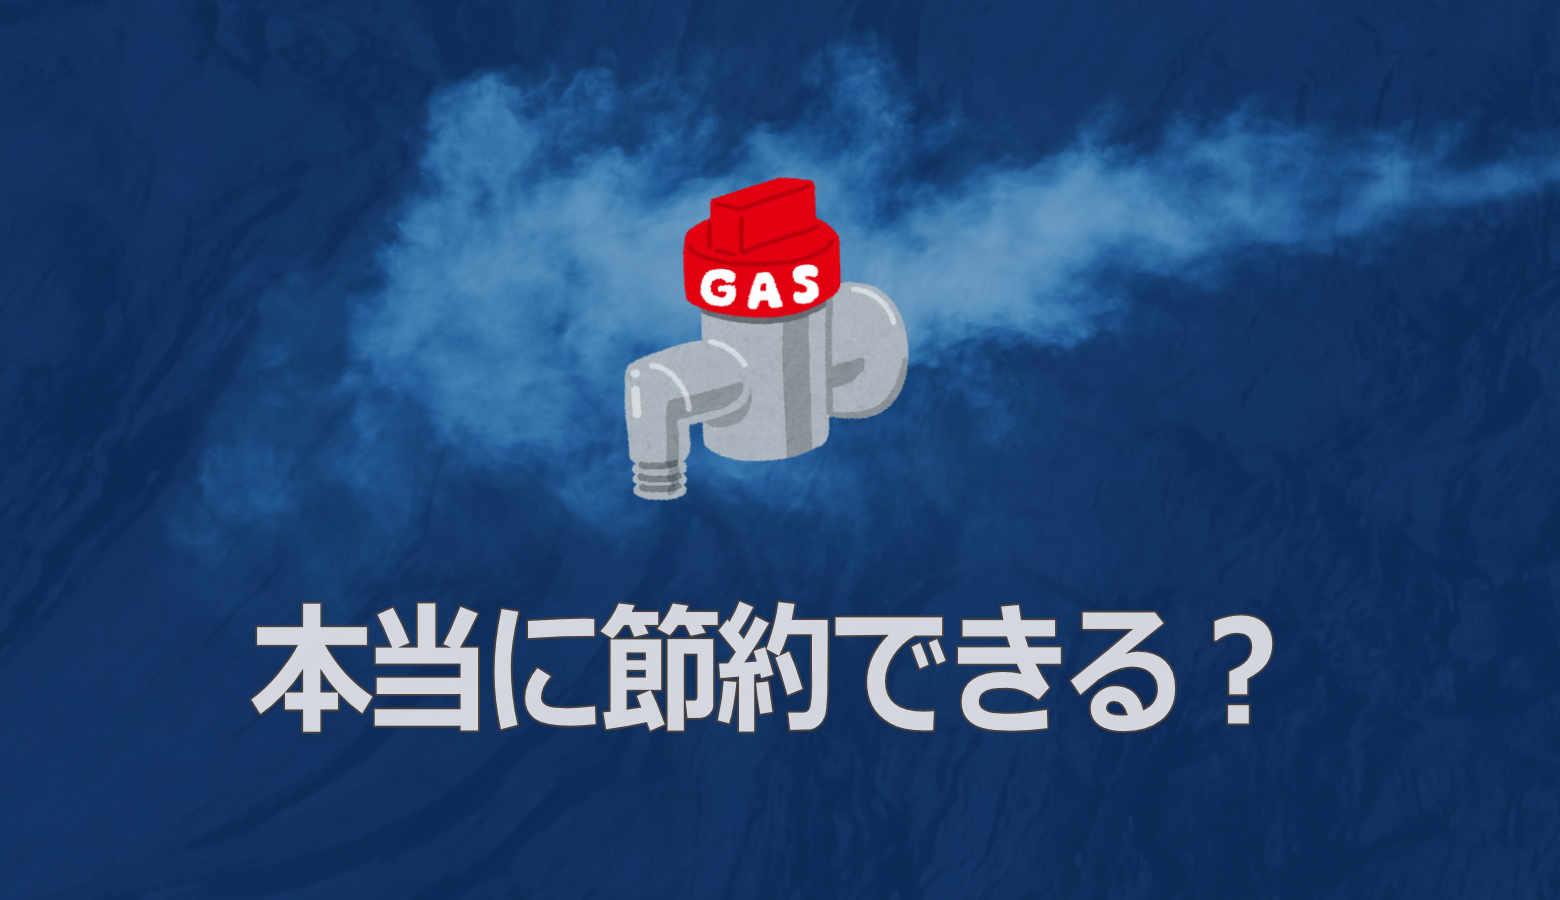 家庭用の都市ガス警報器を自分で用意したら本当に節約できるのか?【生活/アイテム】